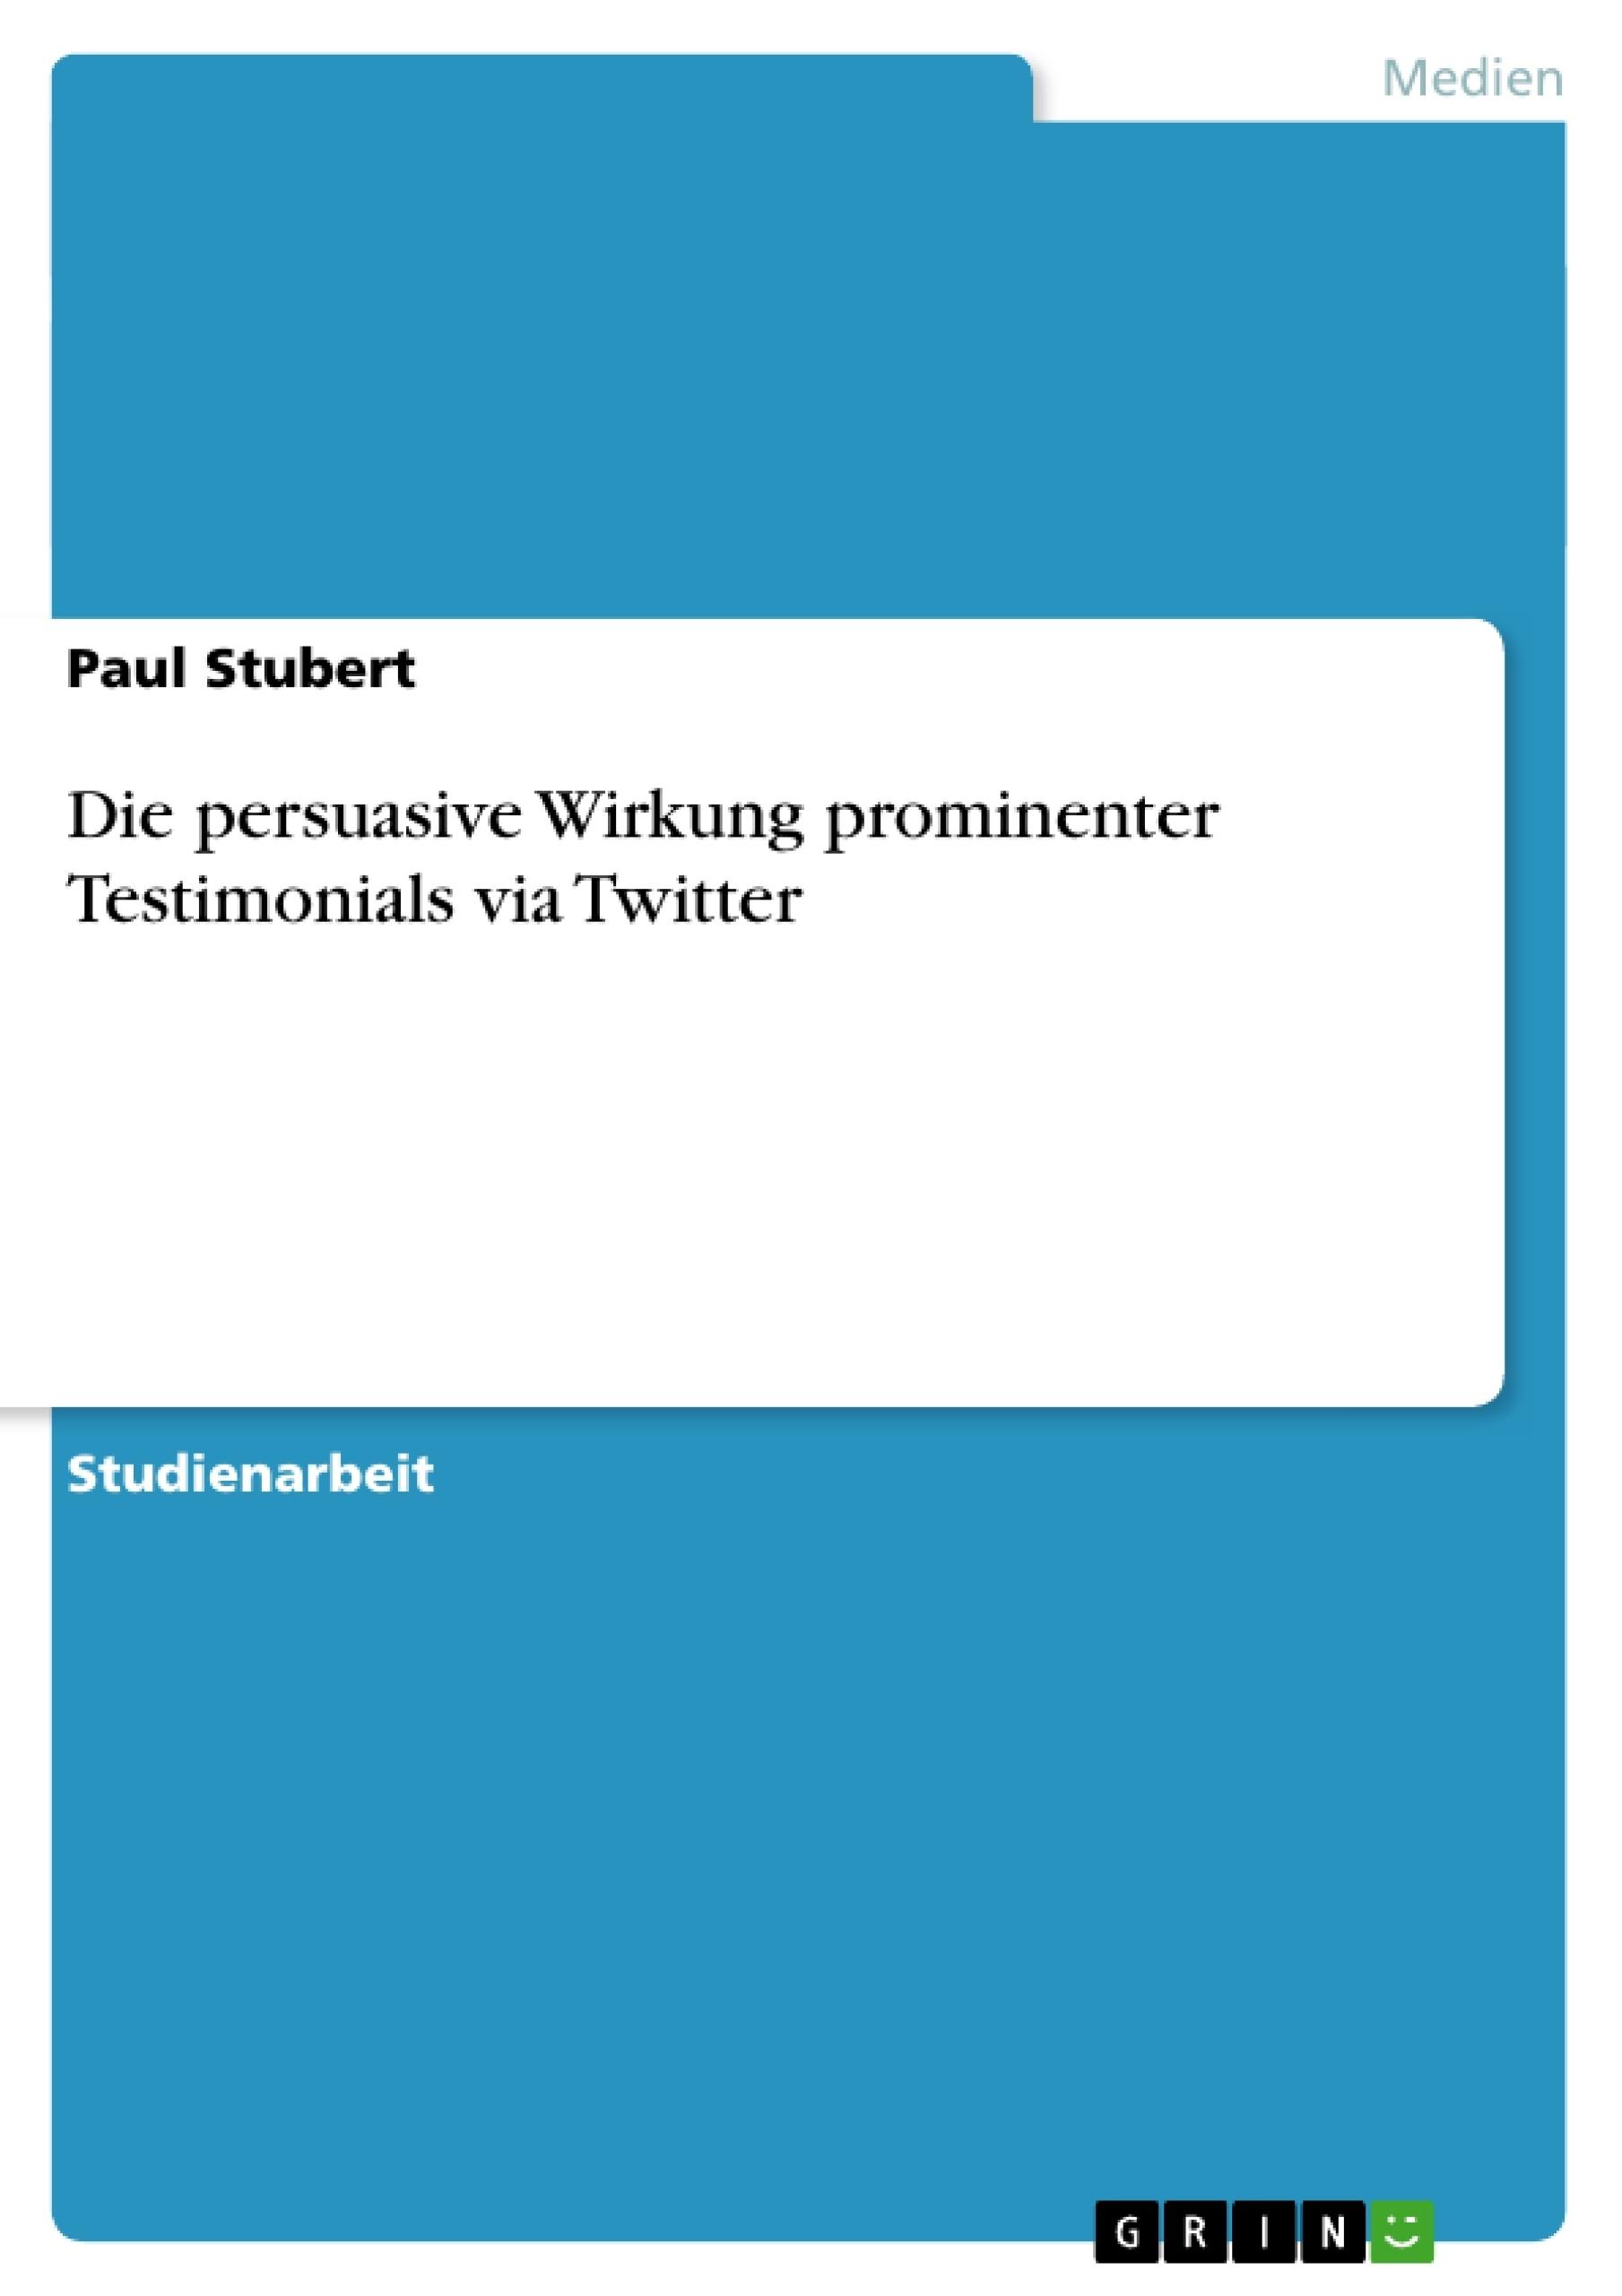 Titel: Die persuasive Wirkung prominenter Testimonials via Twitter